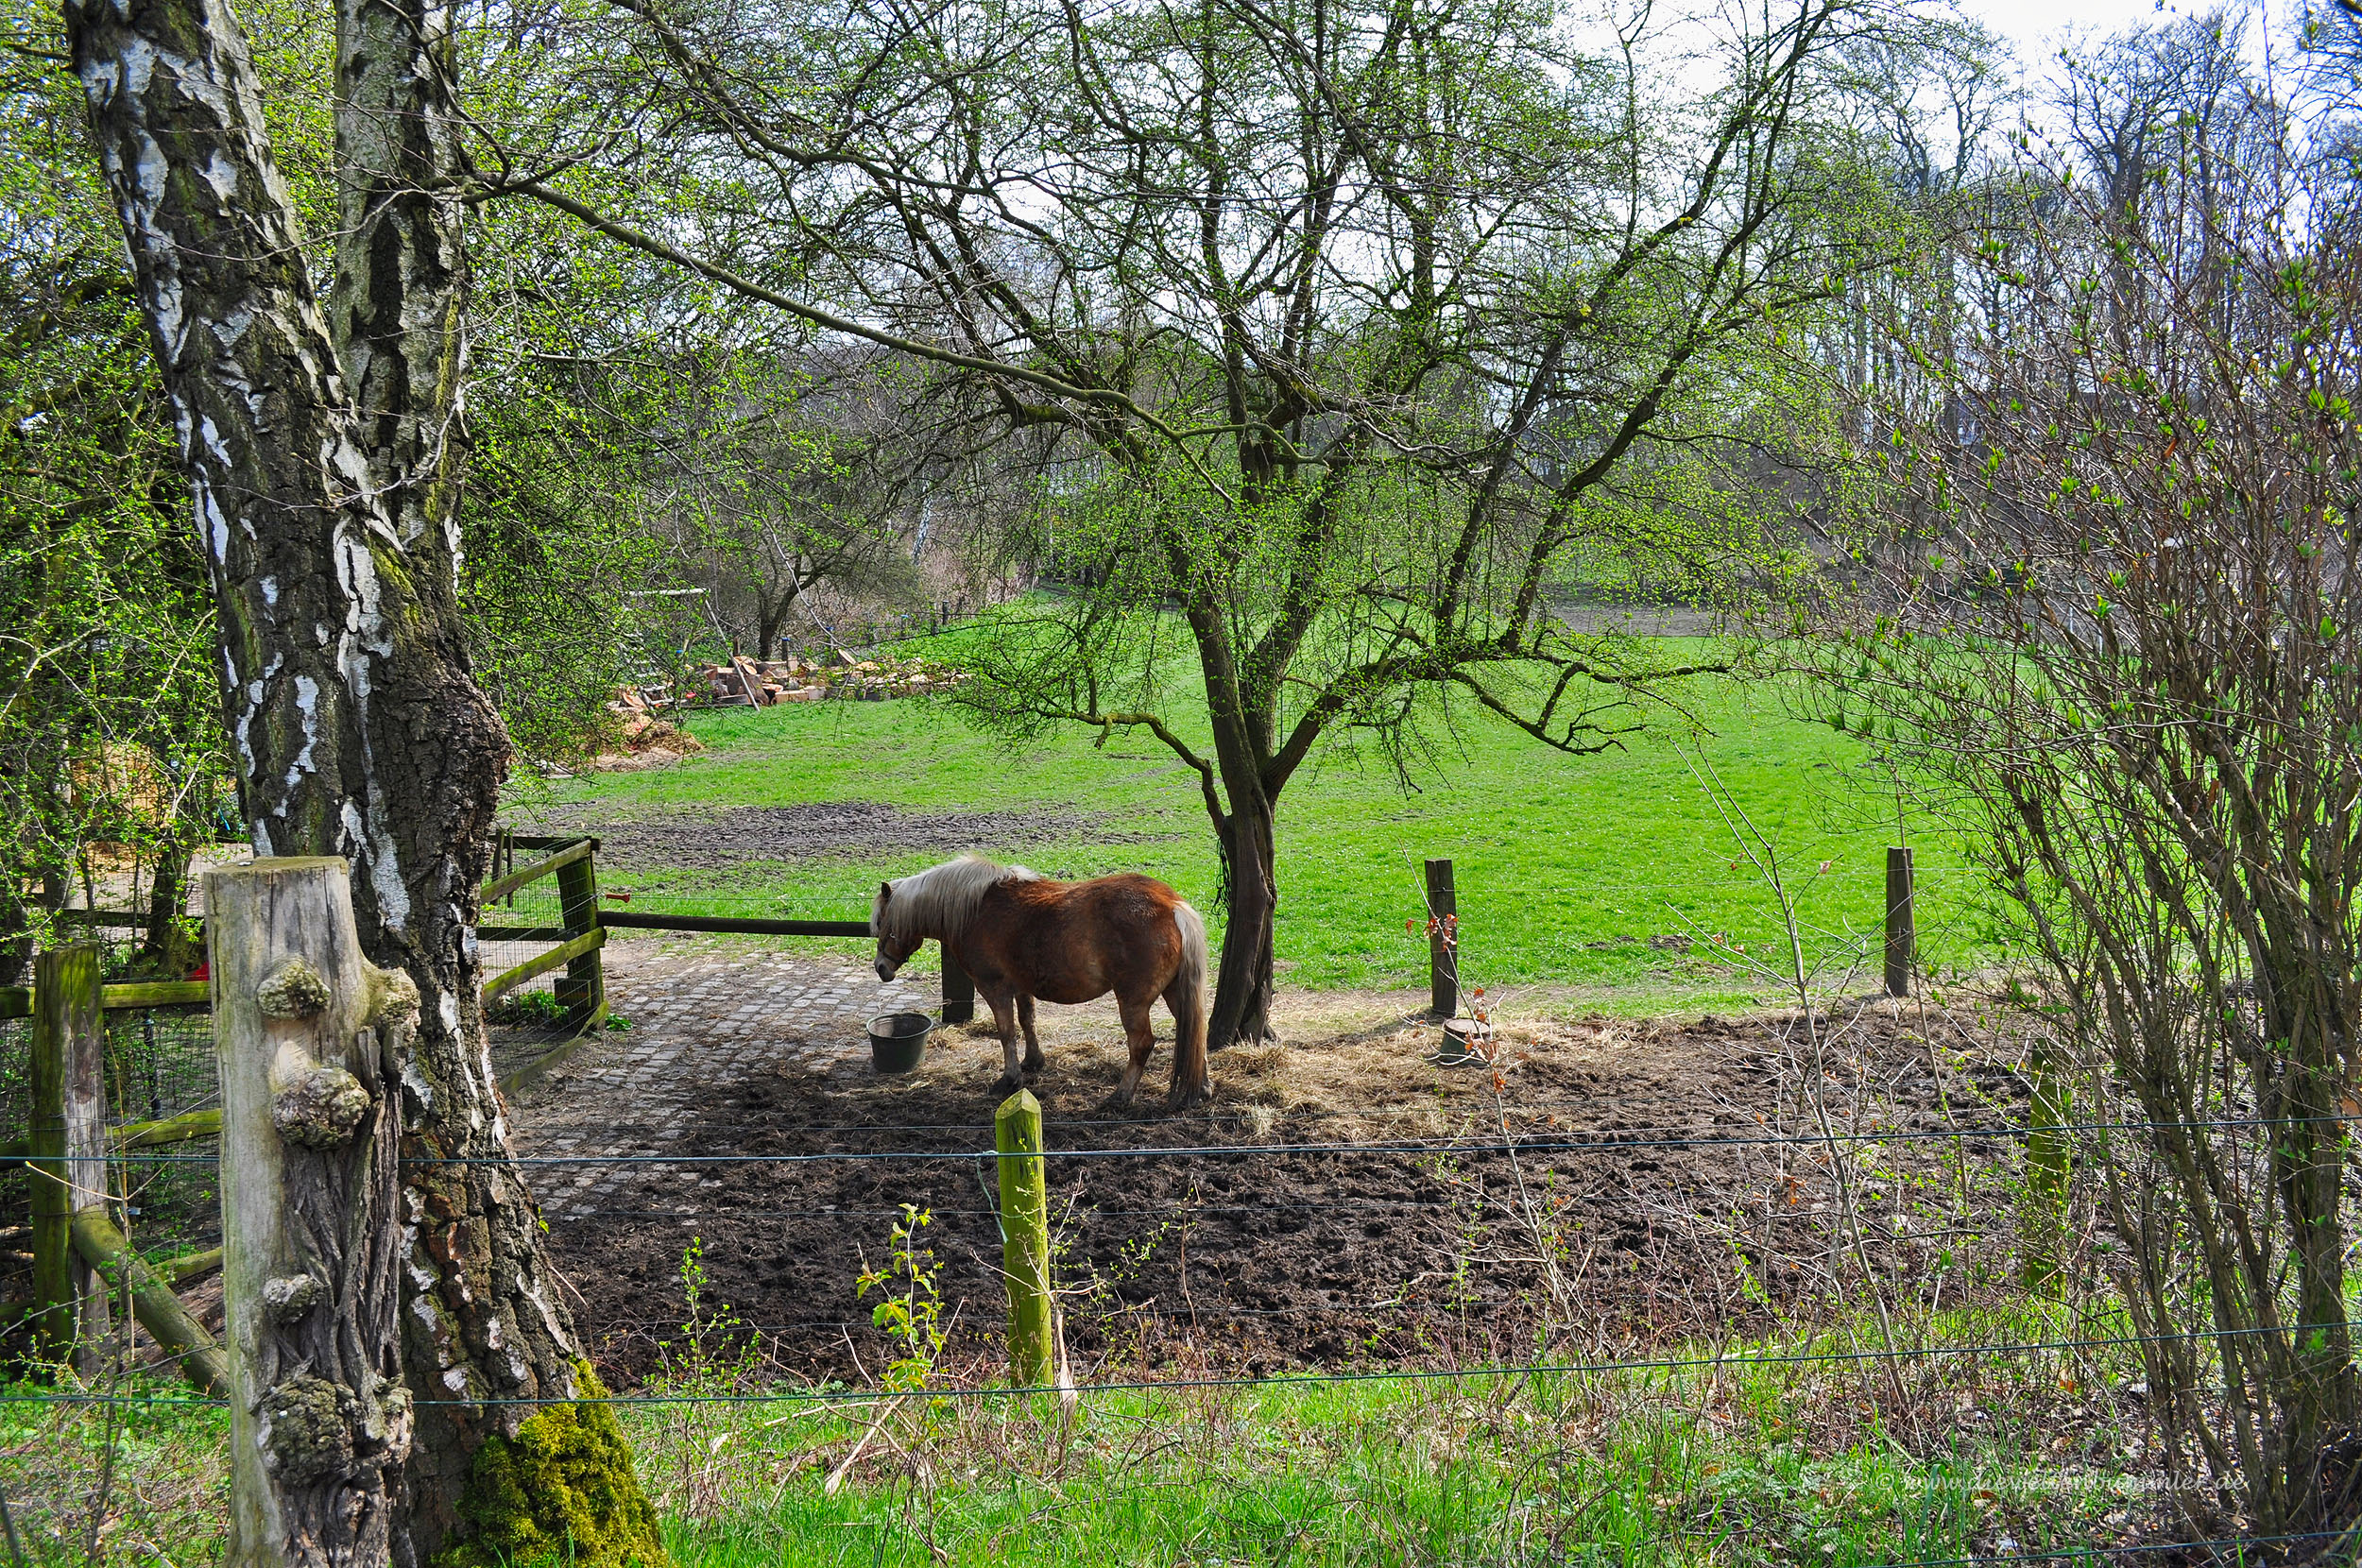 Pferdekoppel am Waldrand